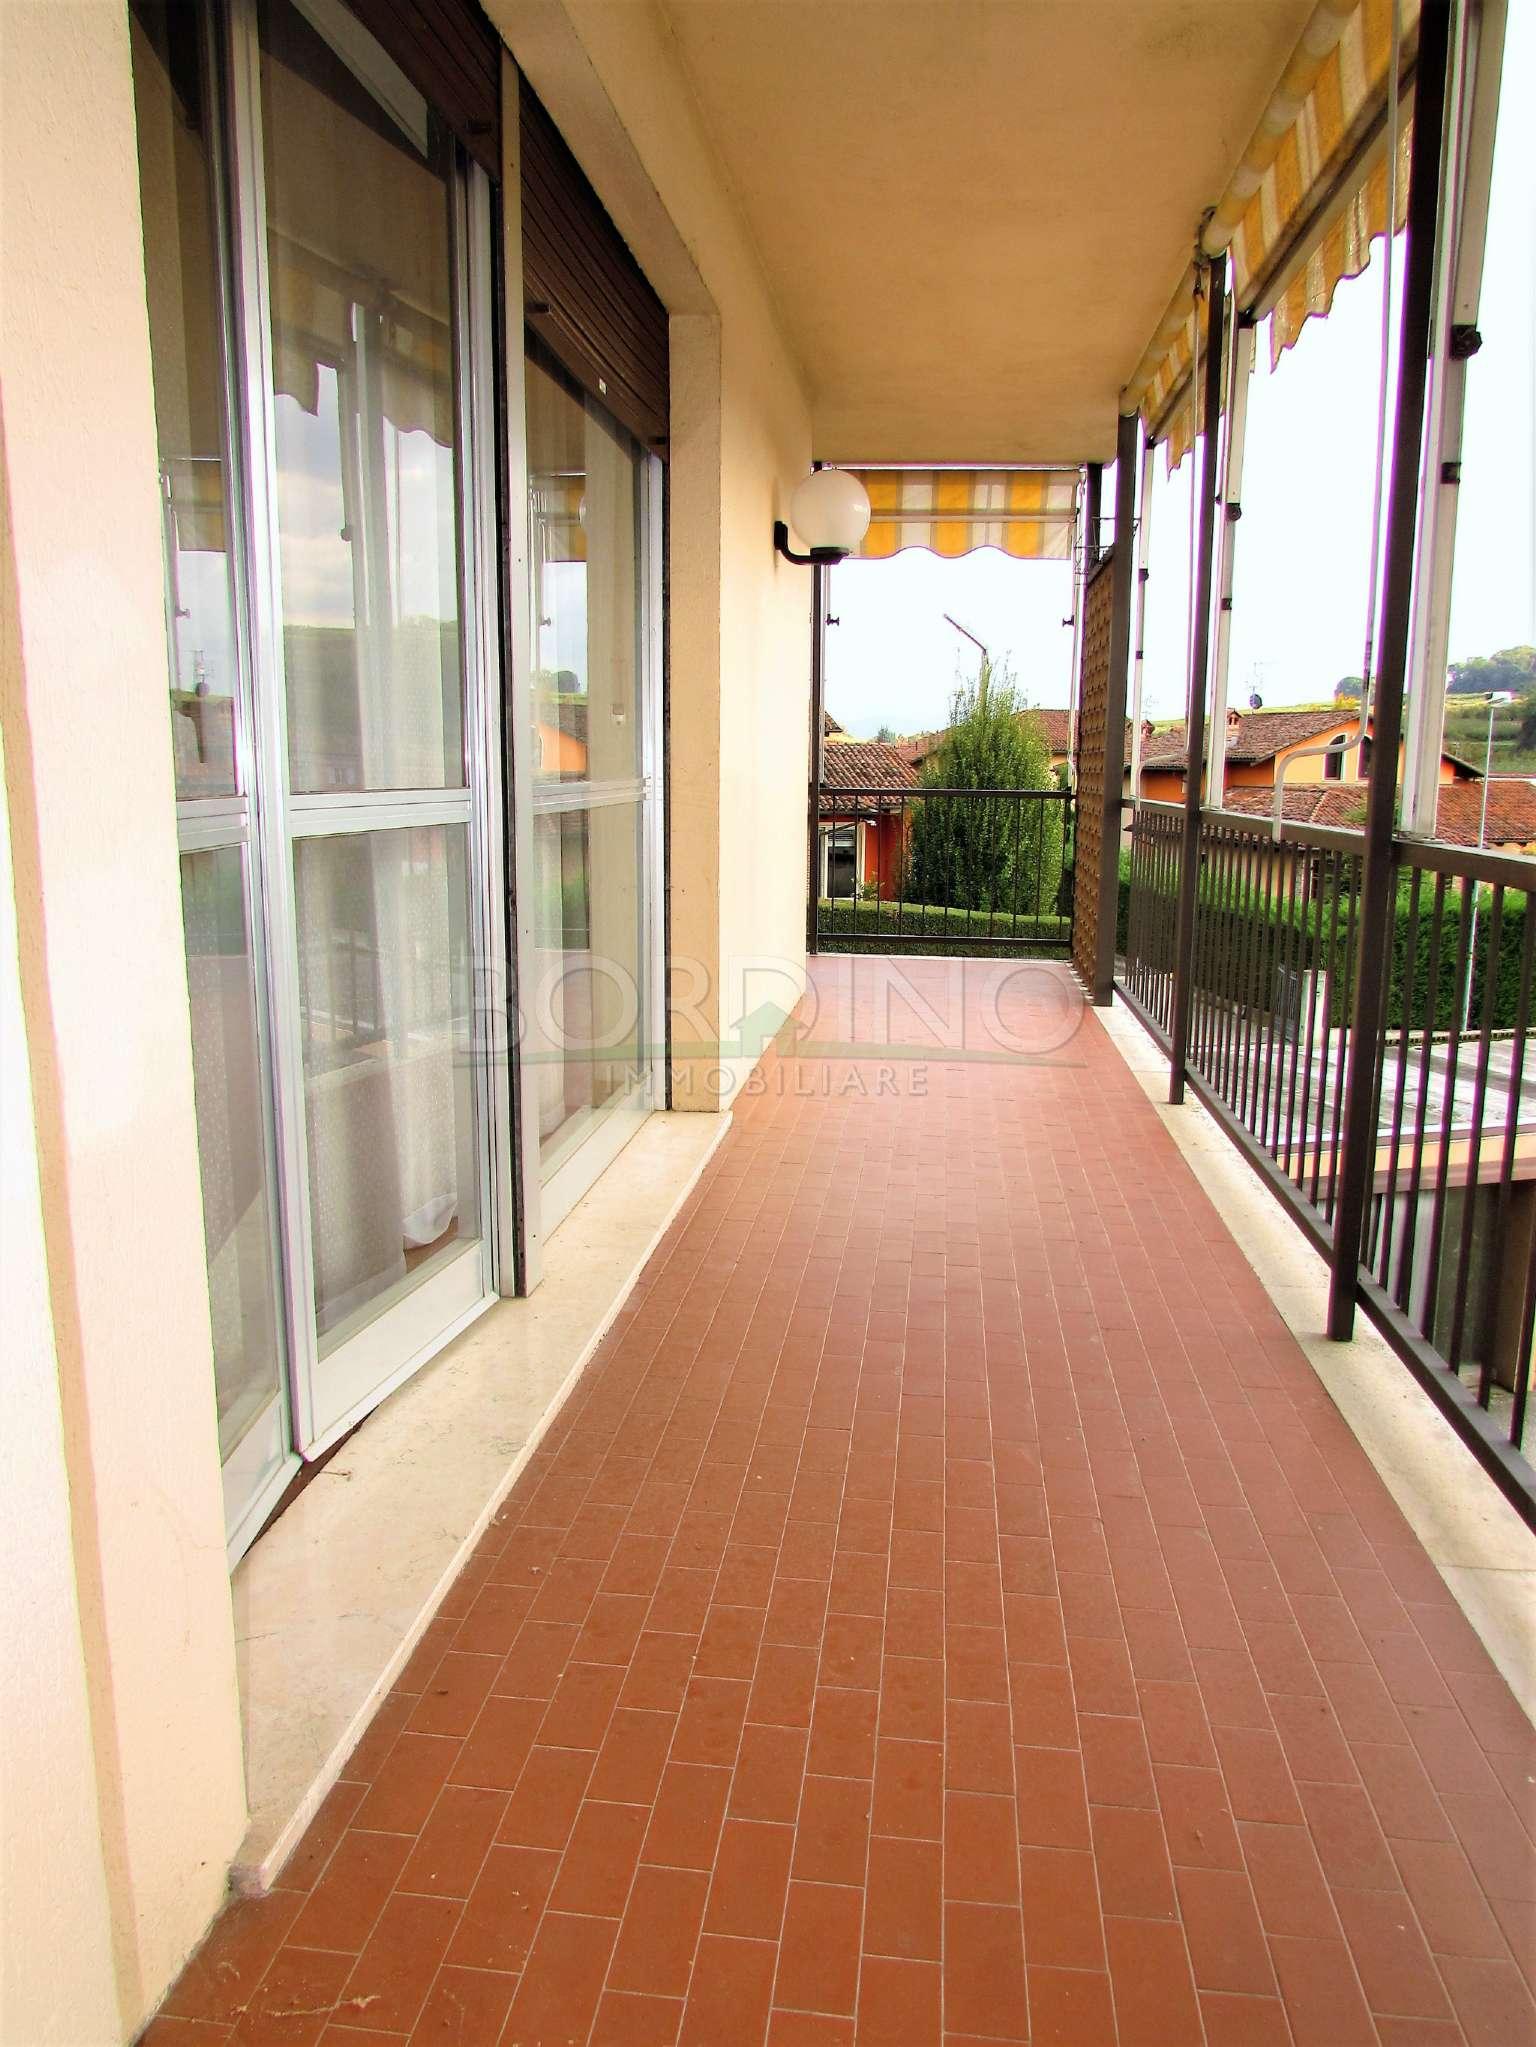 Appartamento in vendita a Piobesi d'Alba, 5 locali, prezzo € 165.000   PortaleAgenzieImmobiliari.it